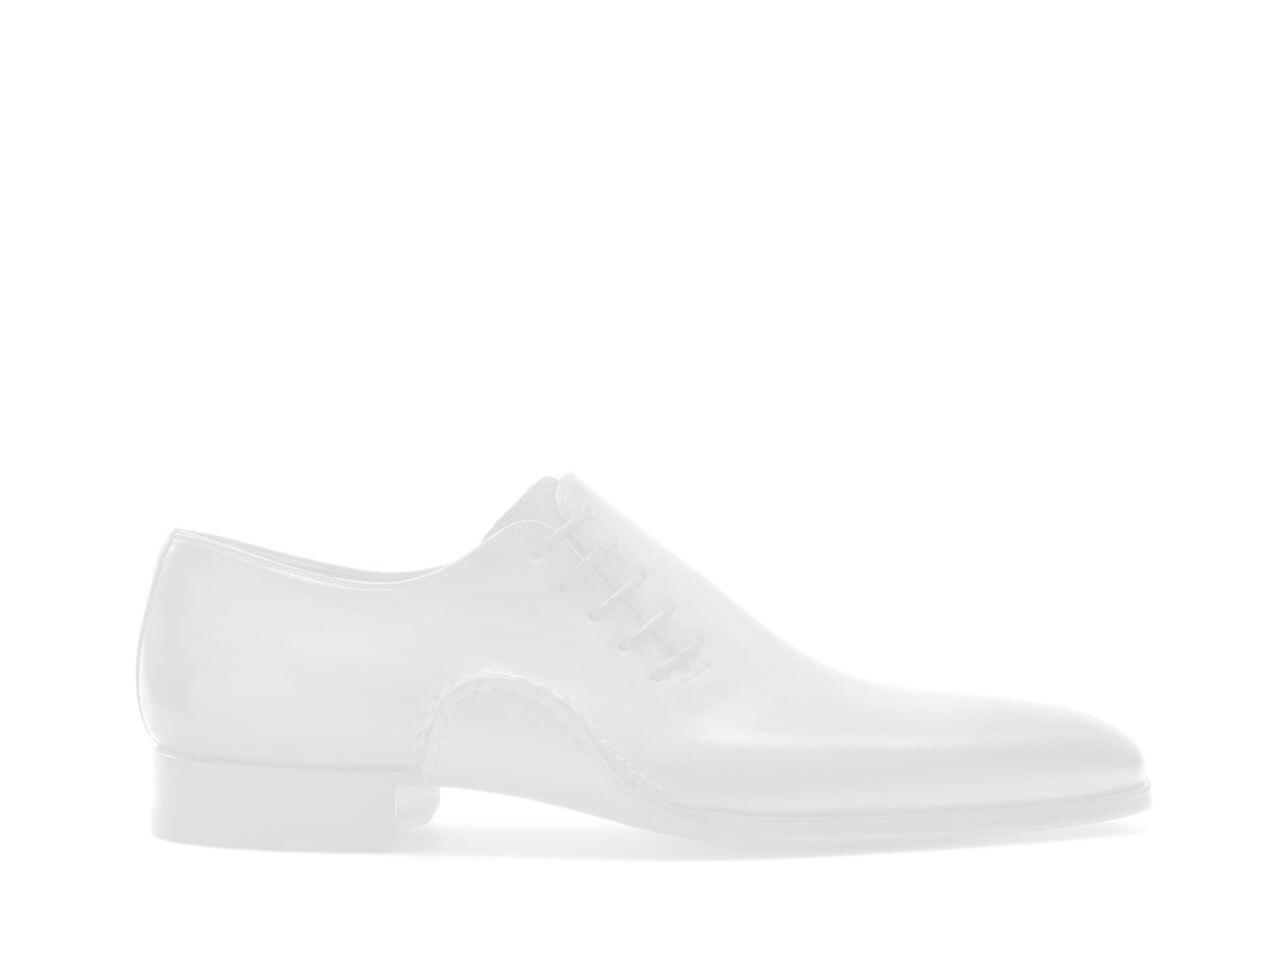 Sole of the Magnanni Rambla Cuero Men's Loafers